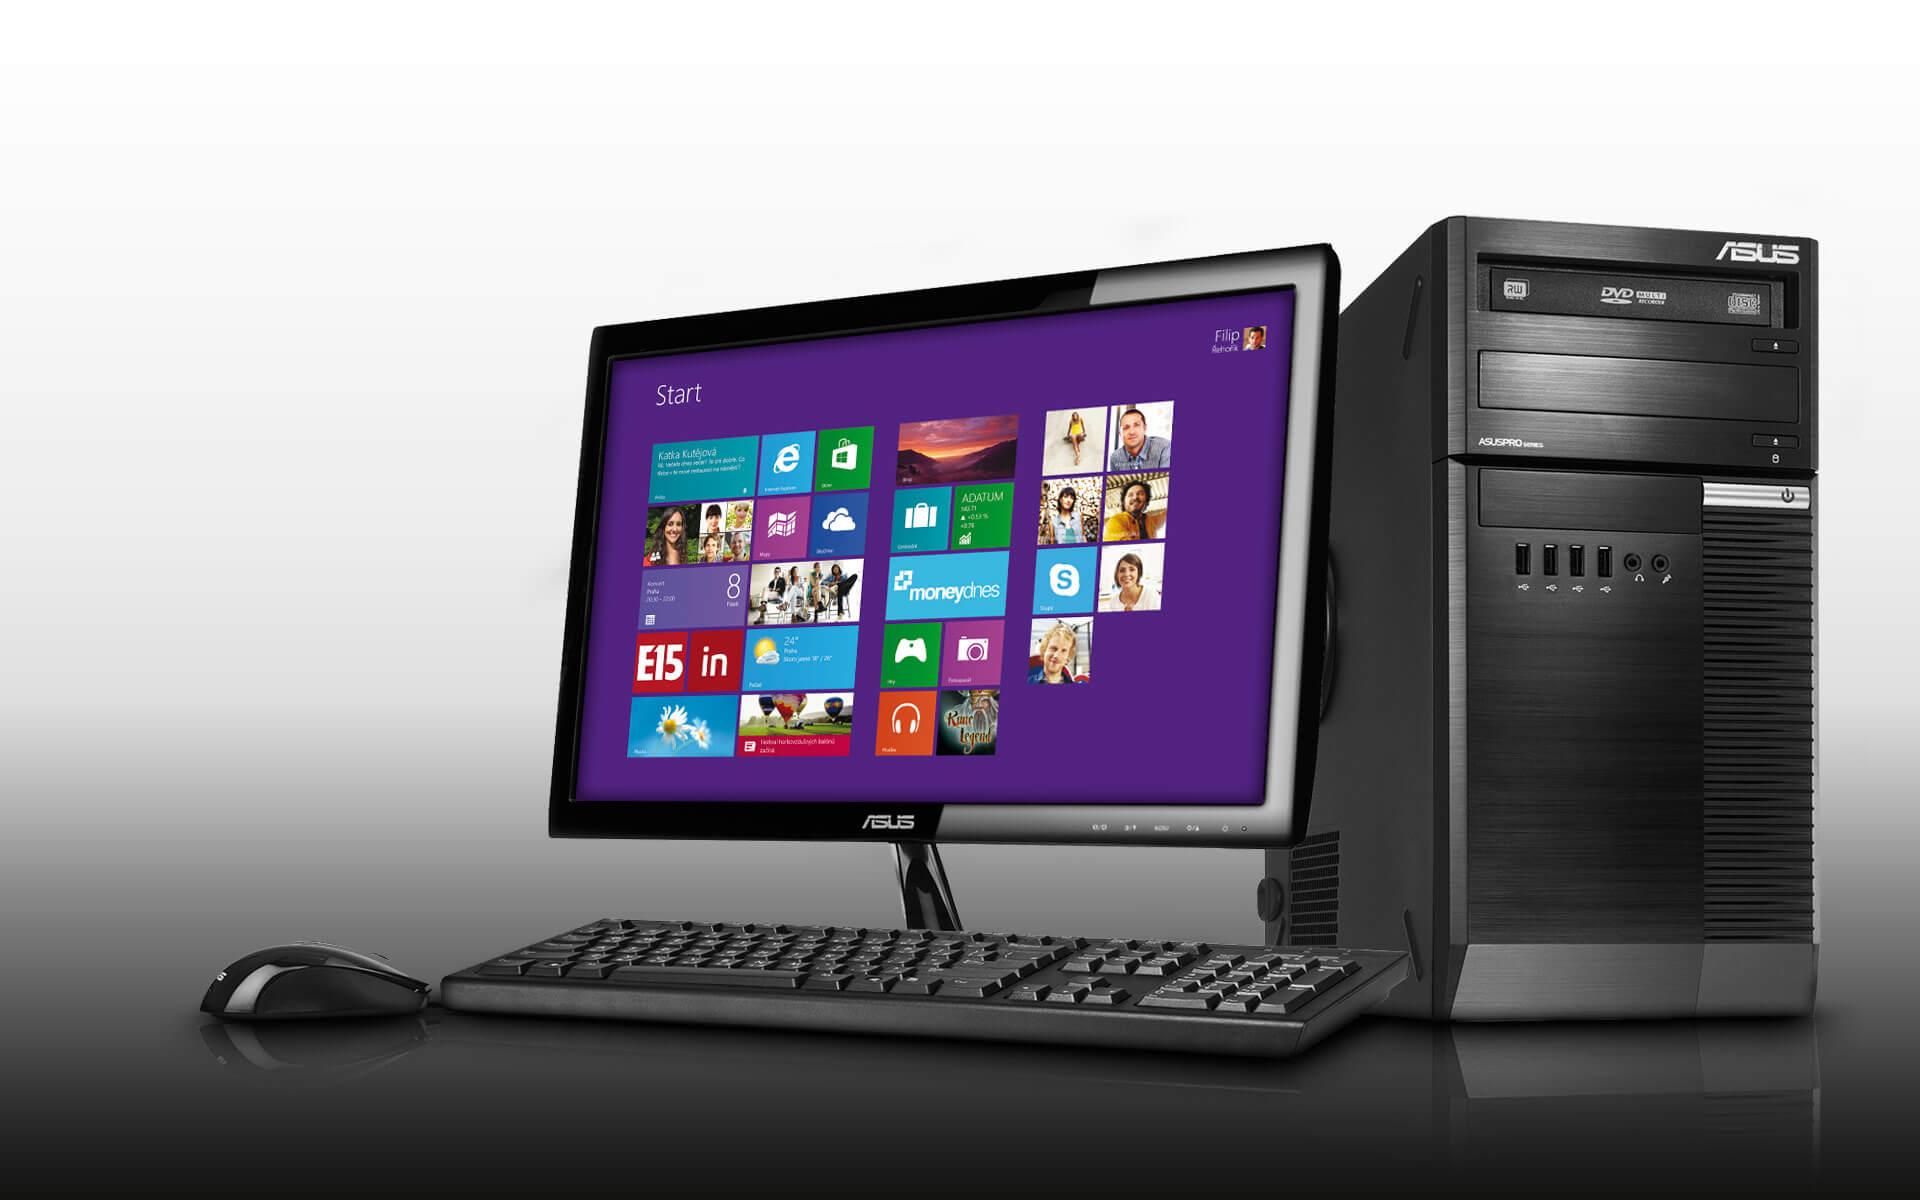 Bilgisayar Açılmıyor Bilgisayar Açılmıyor Bilgisayar Açılmama, Açılışta Kalma ve Yeniden Başlatma Sorununa Çözüm bilgisayar acilmiyor